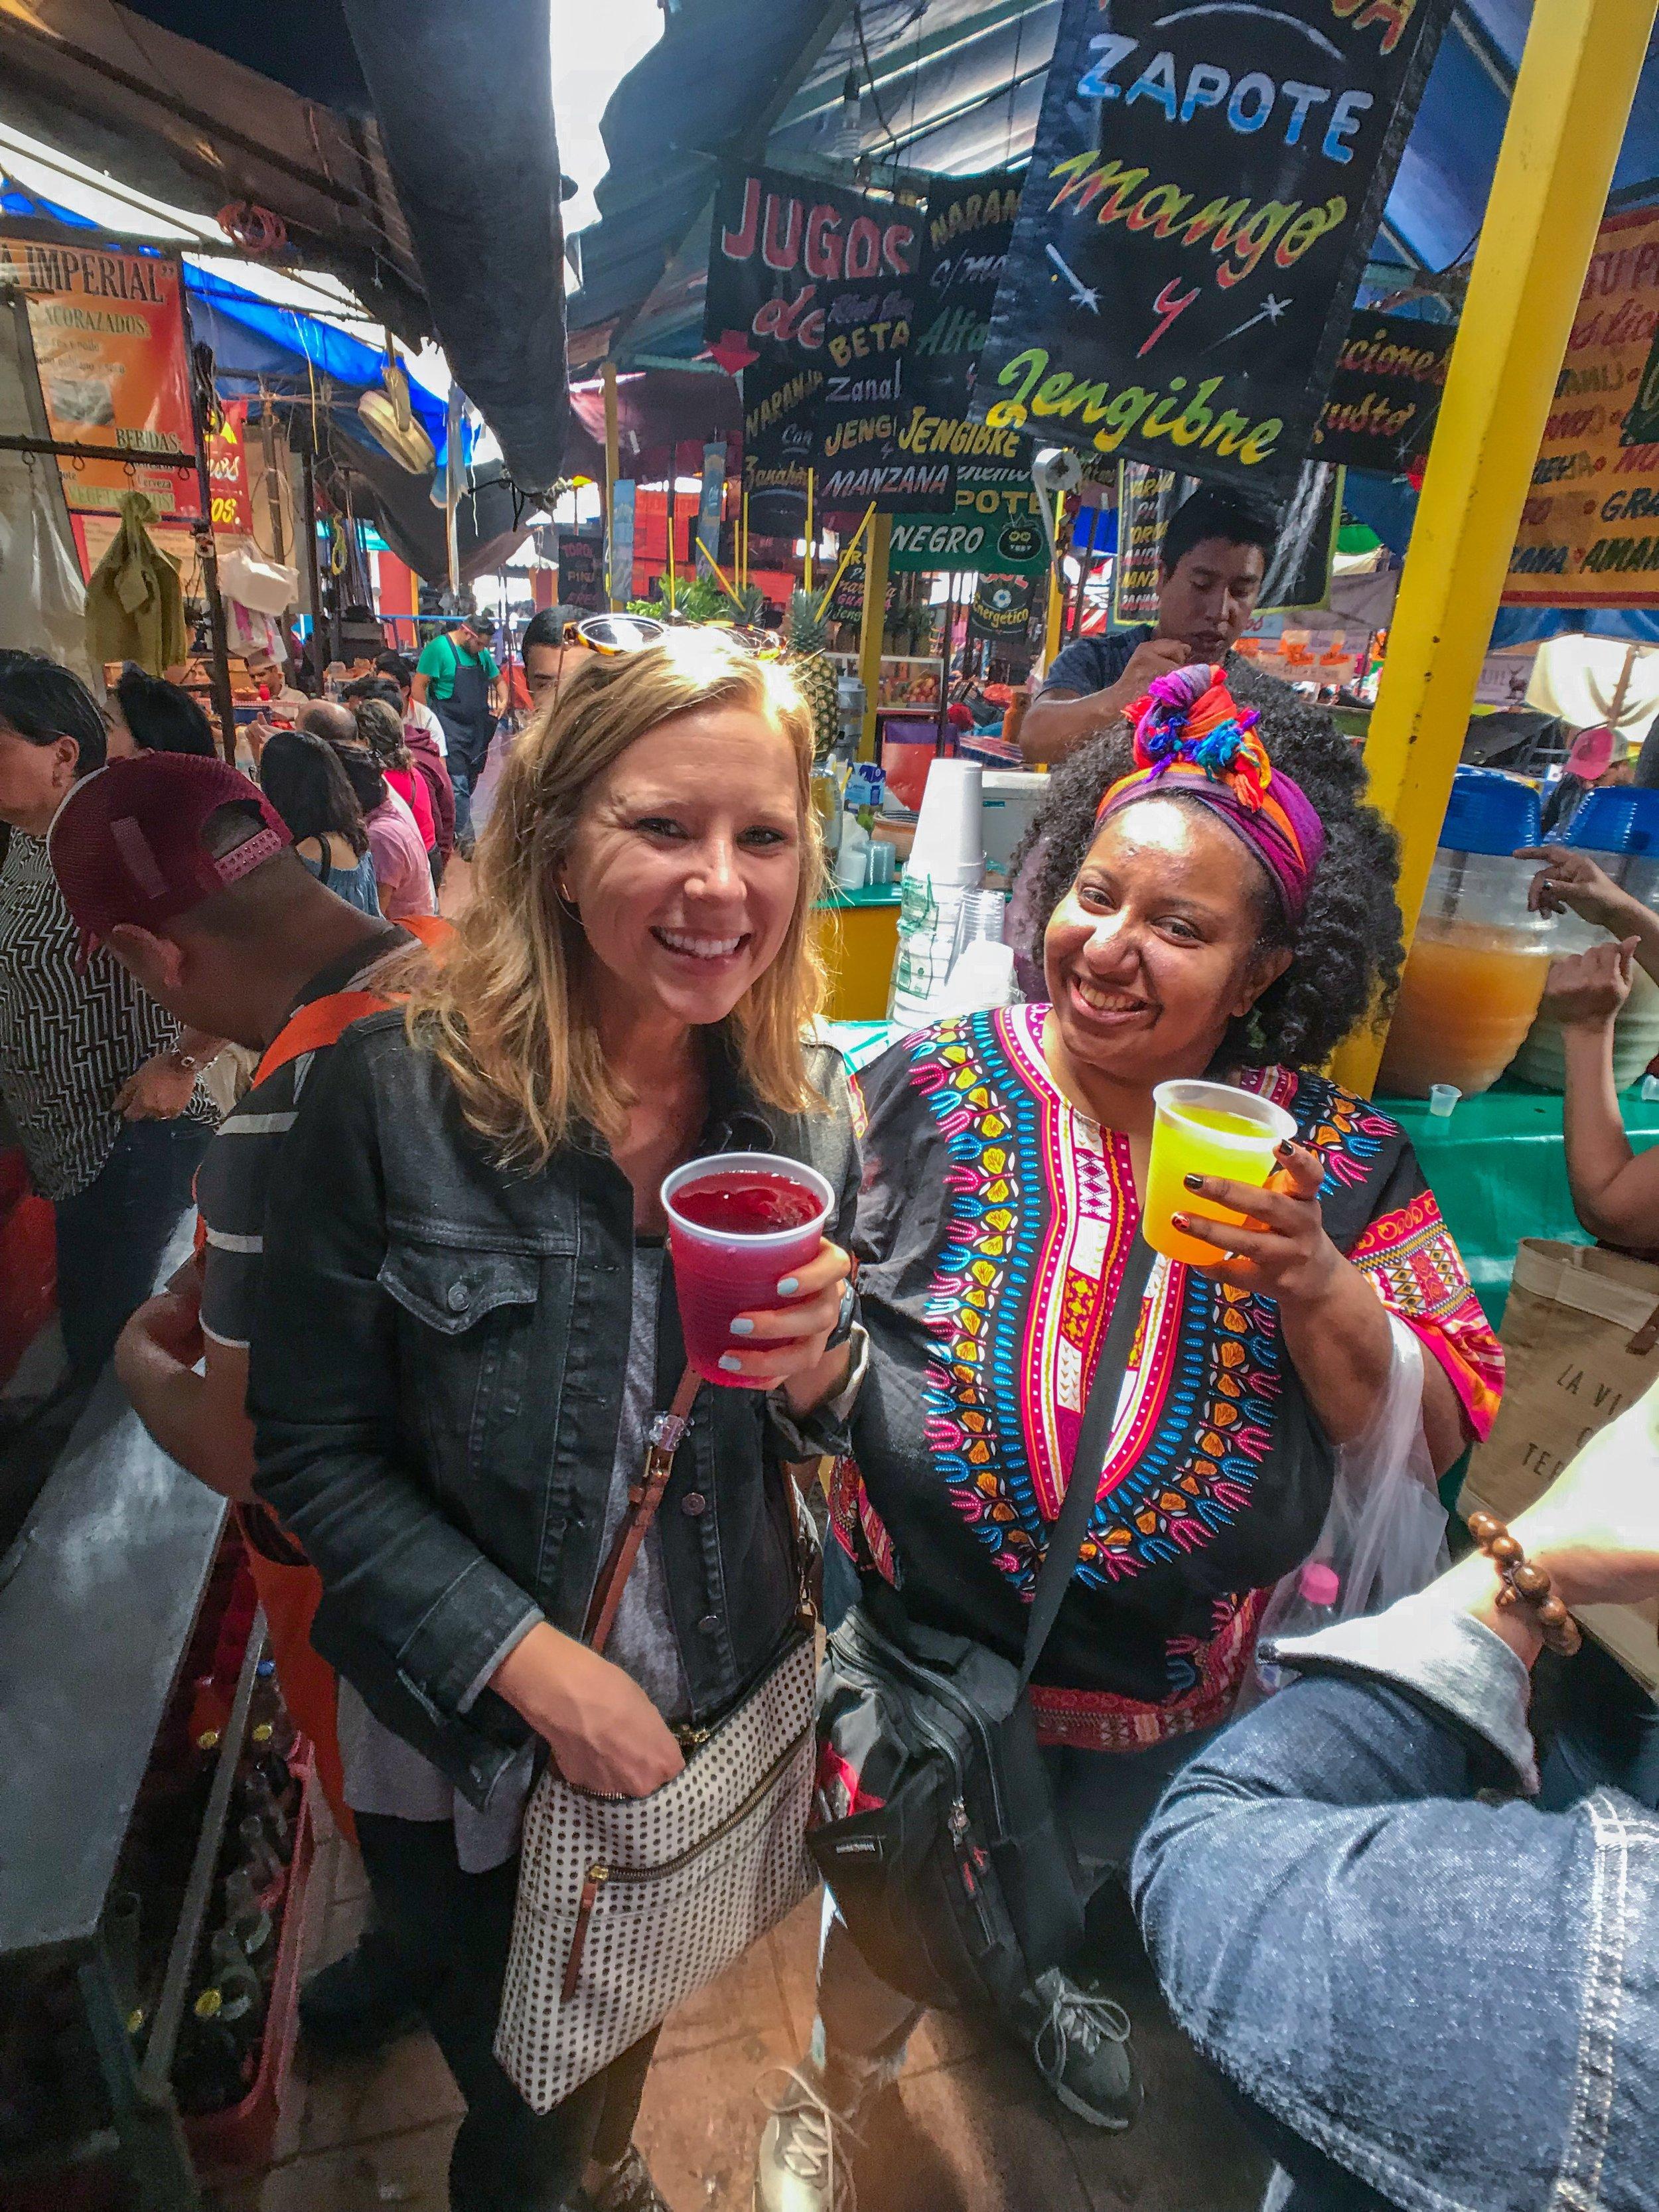 Food & drink market walking tour